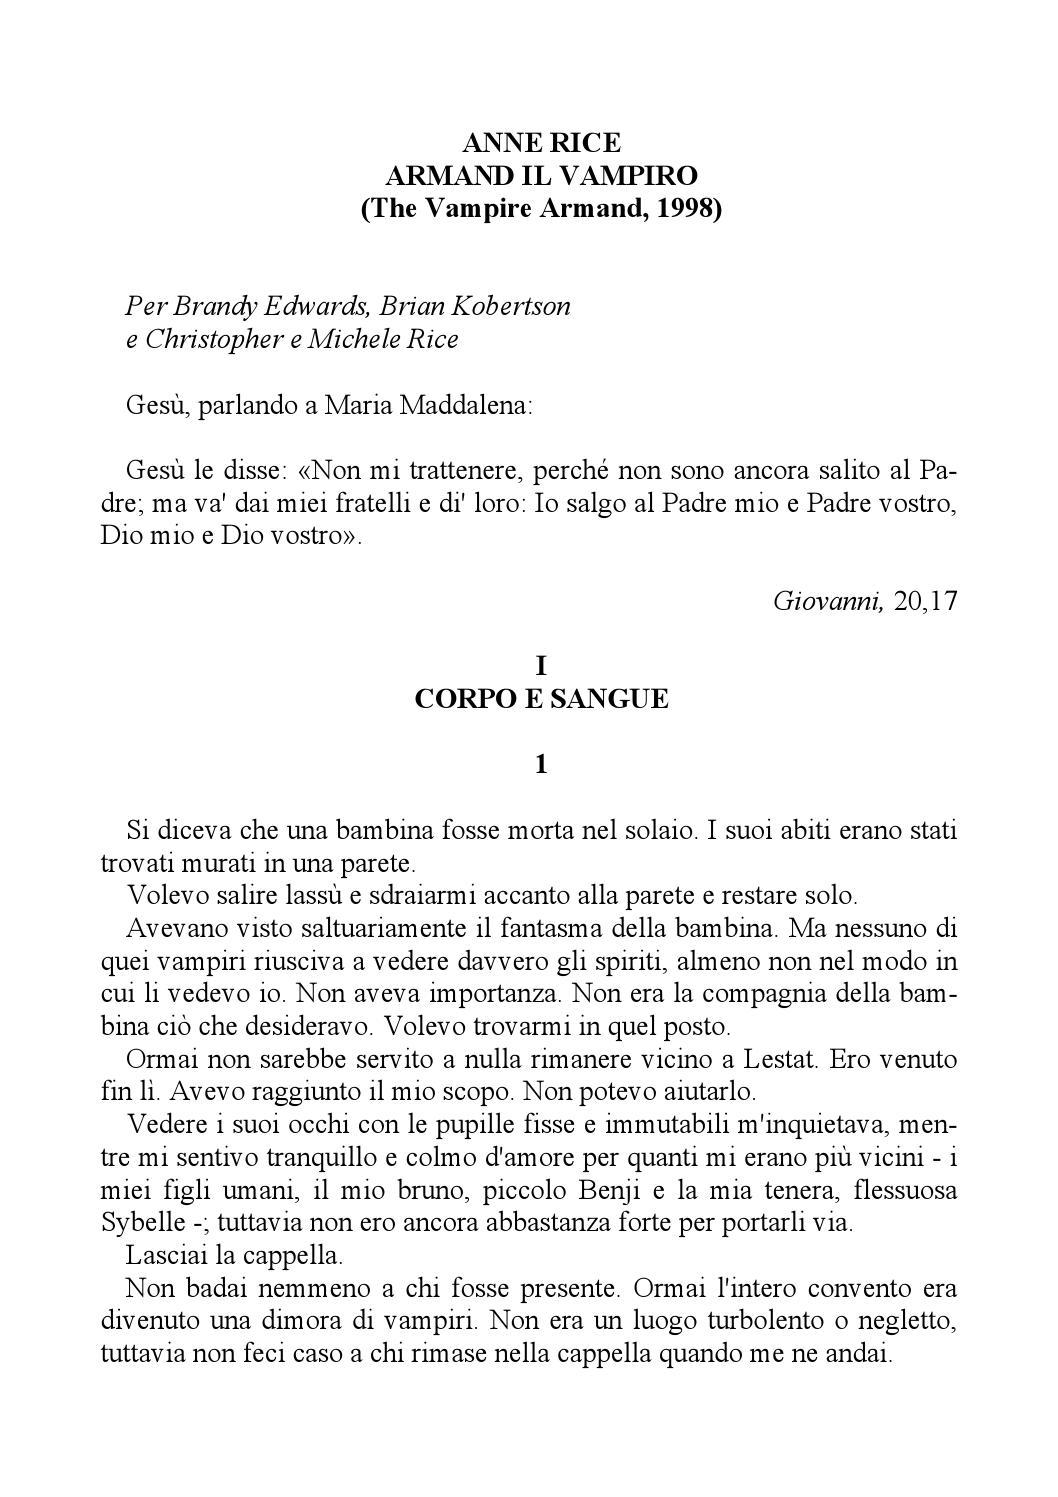 Armand il Vampiro by Vibrazioni Lucane - issuu 60b8dc80c3e